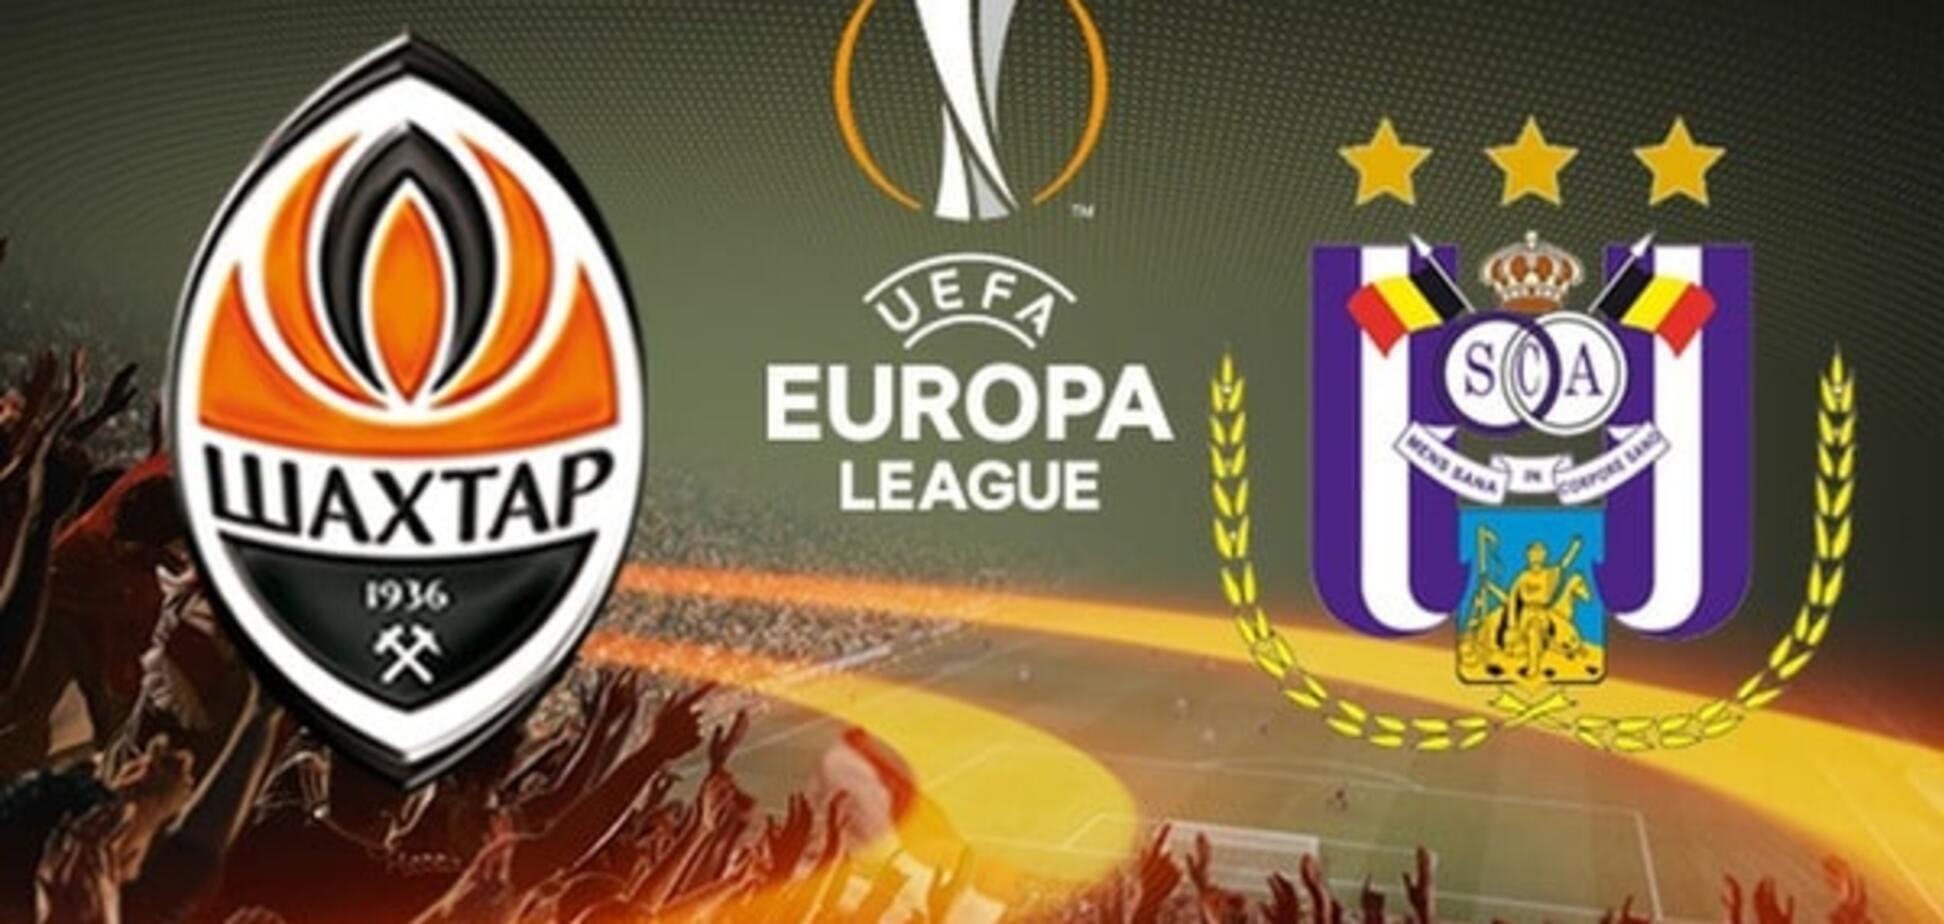 Шахтар - Андерлехт: прогноз букмекерів на матч 1/8 фіналу Ліги Європи